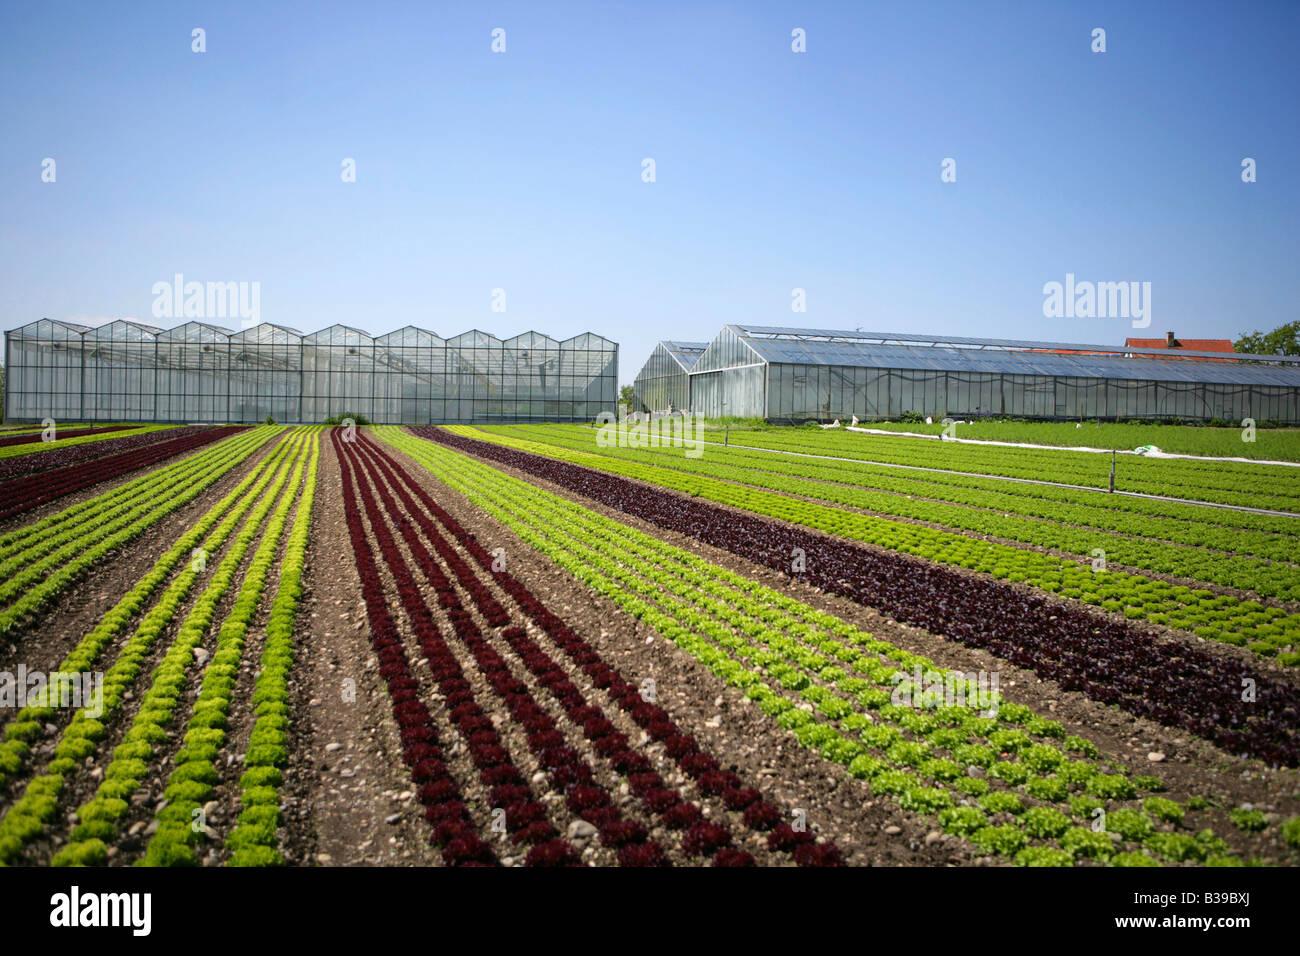 Deutschland, Bodensee, Salatfelder Auf der Insel Reichenau, Salat-Felder auf die Insel Reichenau am Bodensee Stockbild